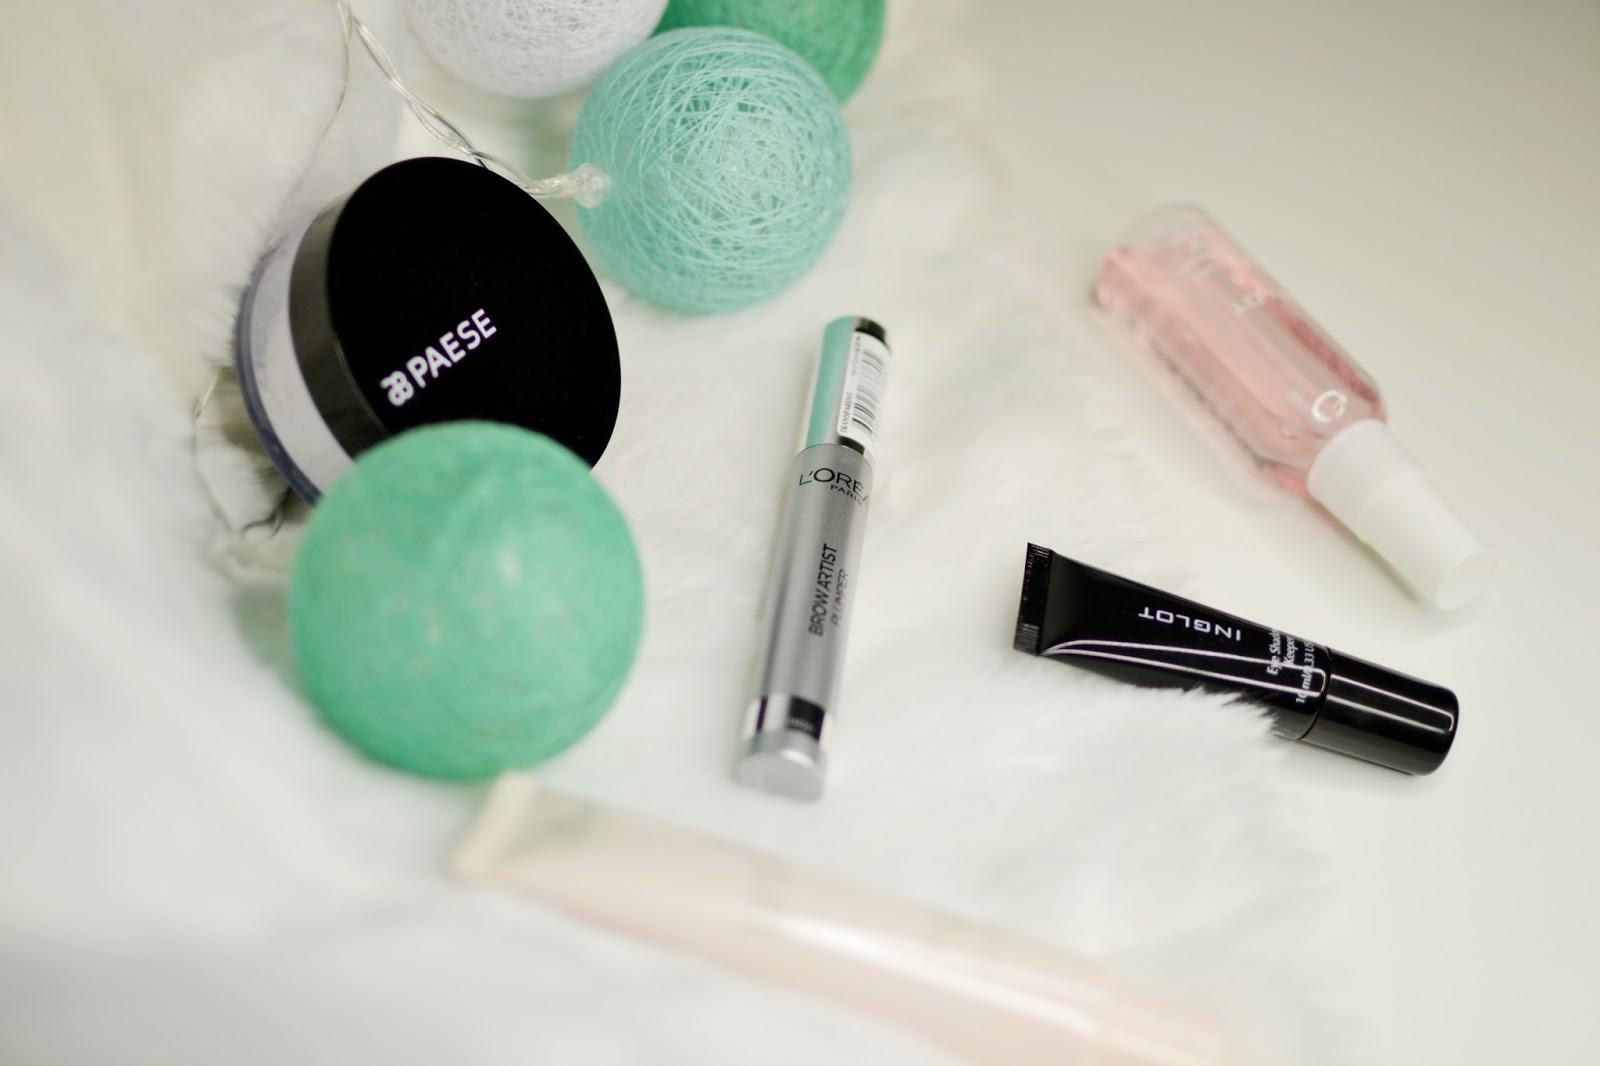 kosmetyki transparentne